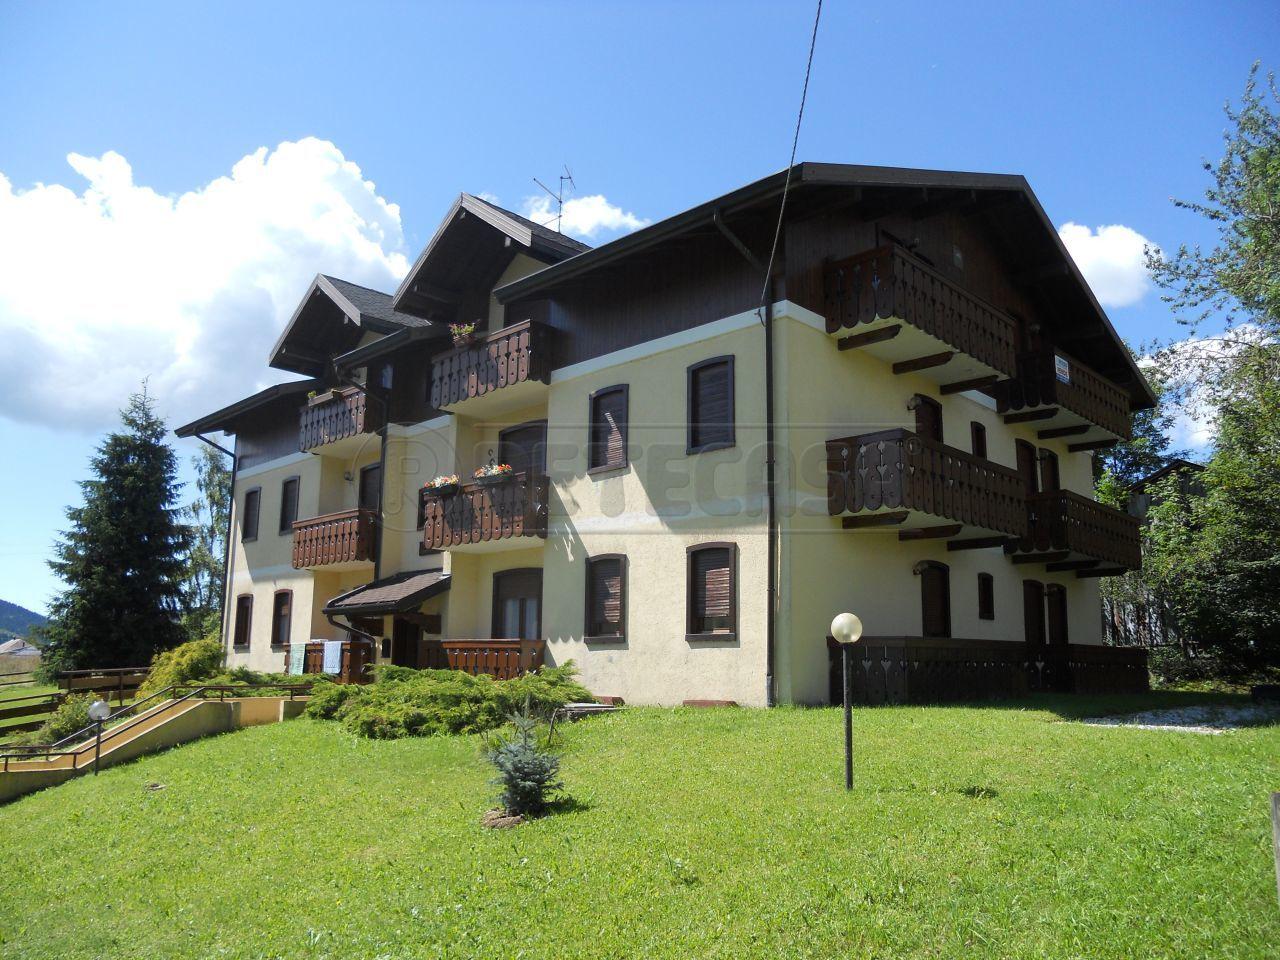 Vendita case e appartamenti a asiago for Appartamenti asiago